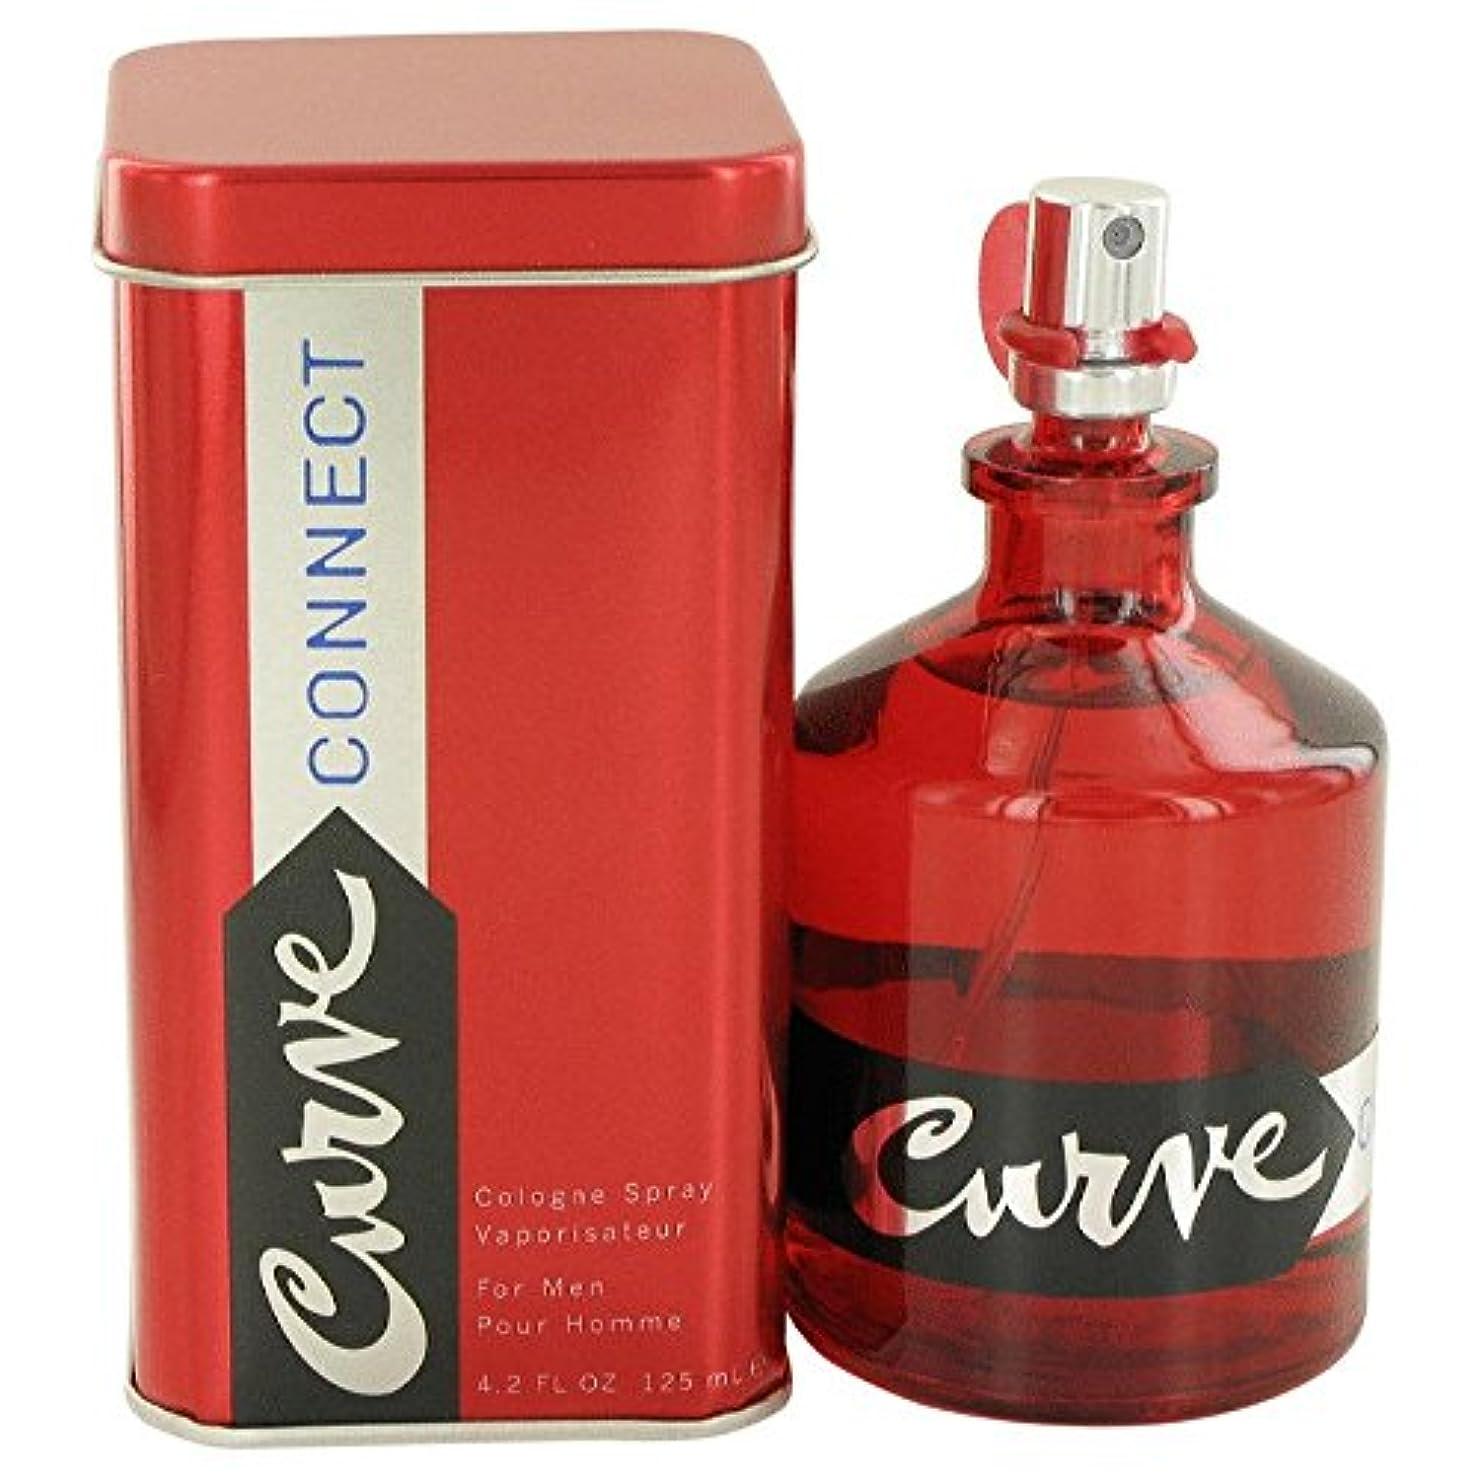 Liz Claiborne Curve Connect for Men 125ml/4.2oz Eau De Cologne Spray Fragrance